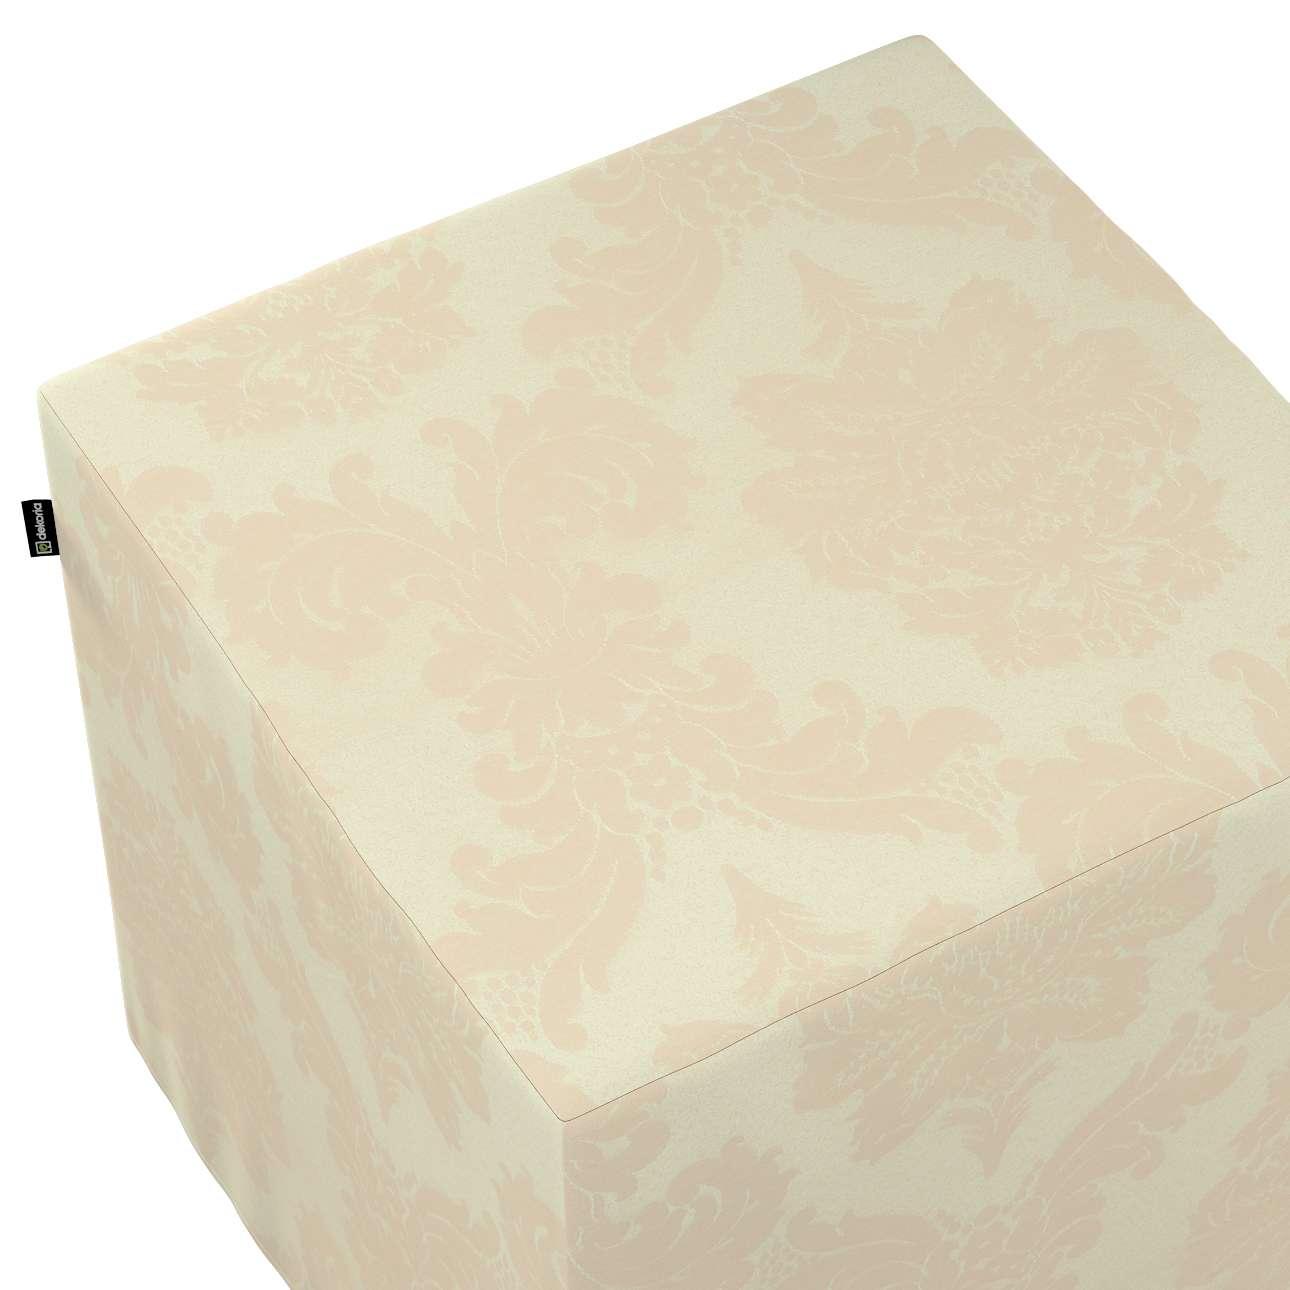 Sitzwürfel von der Kollektion Damasco, Stoff: 613-01